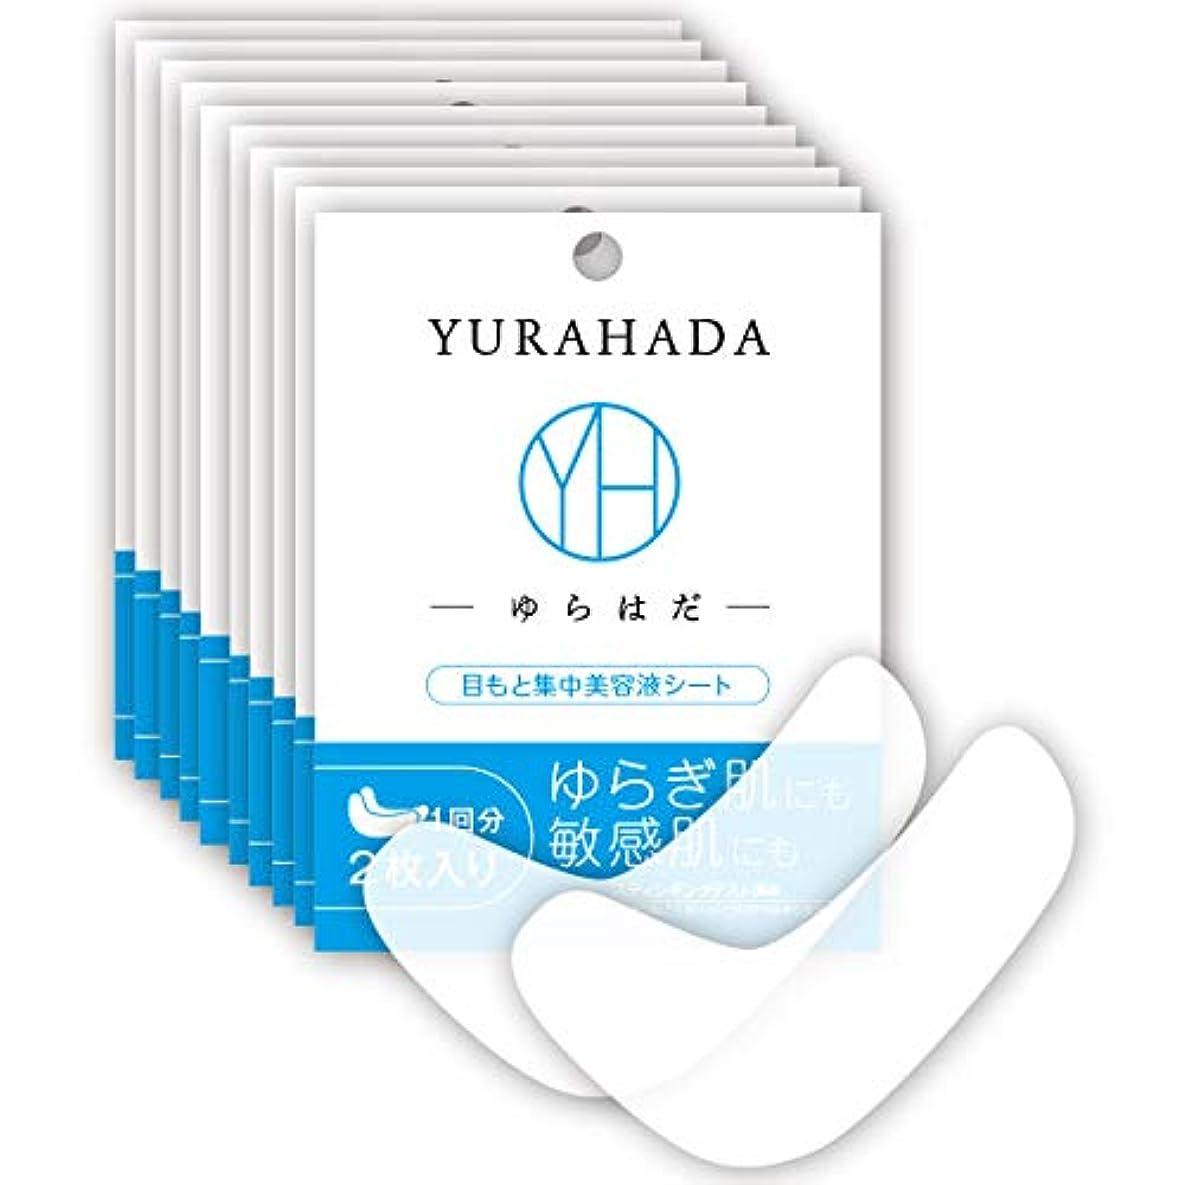 テープ褐色アルプスYURAHADA目もと集中美容液シート(2枚入)10回セット